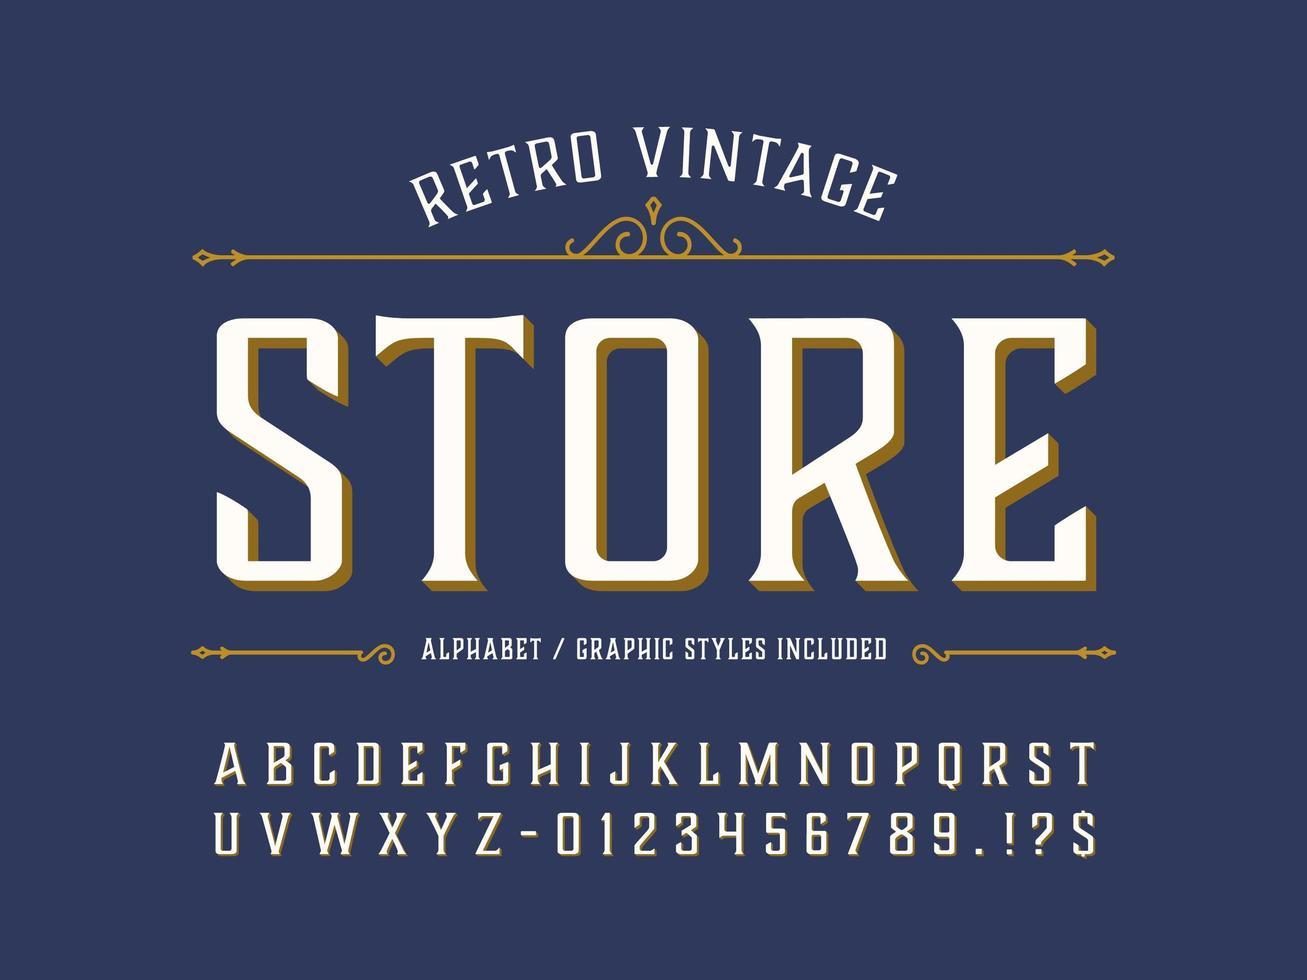 Decorative Retro Vintage Typeface vector